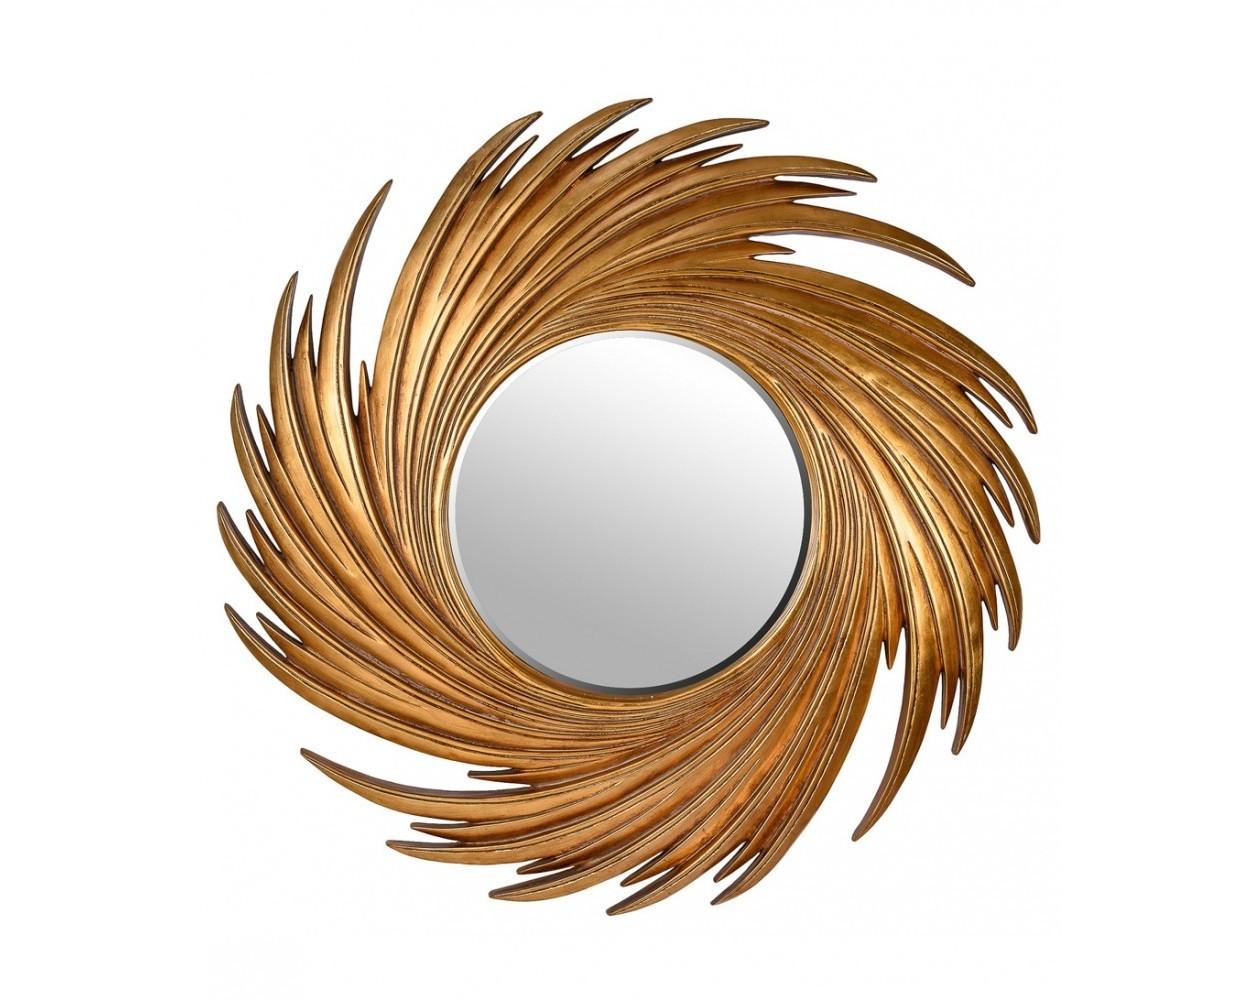 Зеркало в раме СвирлНастенные зеркала<br>Крепления входят в стоимость.<br><br>Material: Пластик<br>Depth см: 3<br>Diameter см: 98